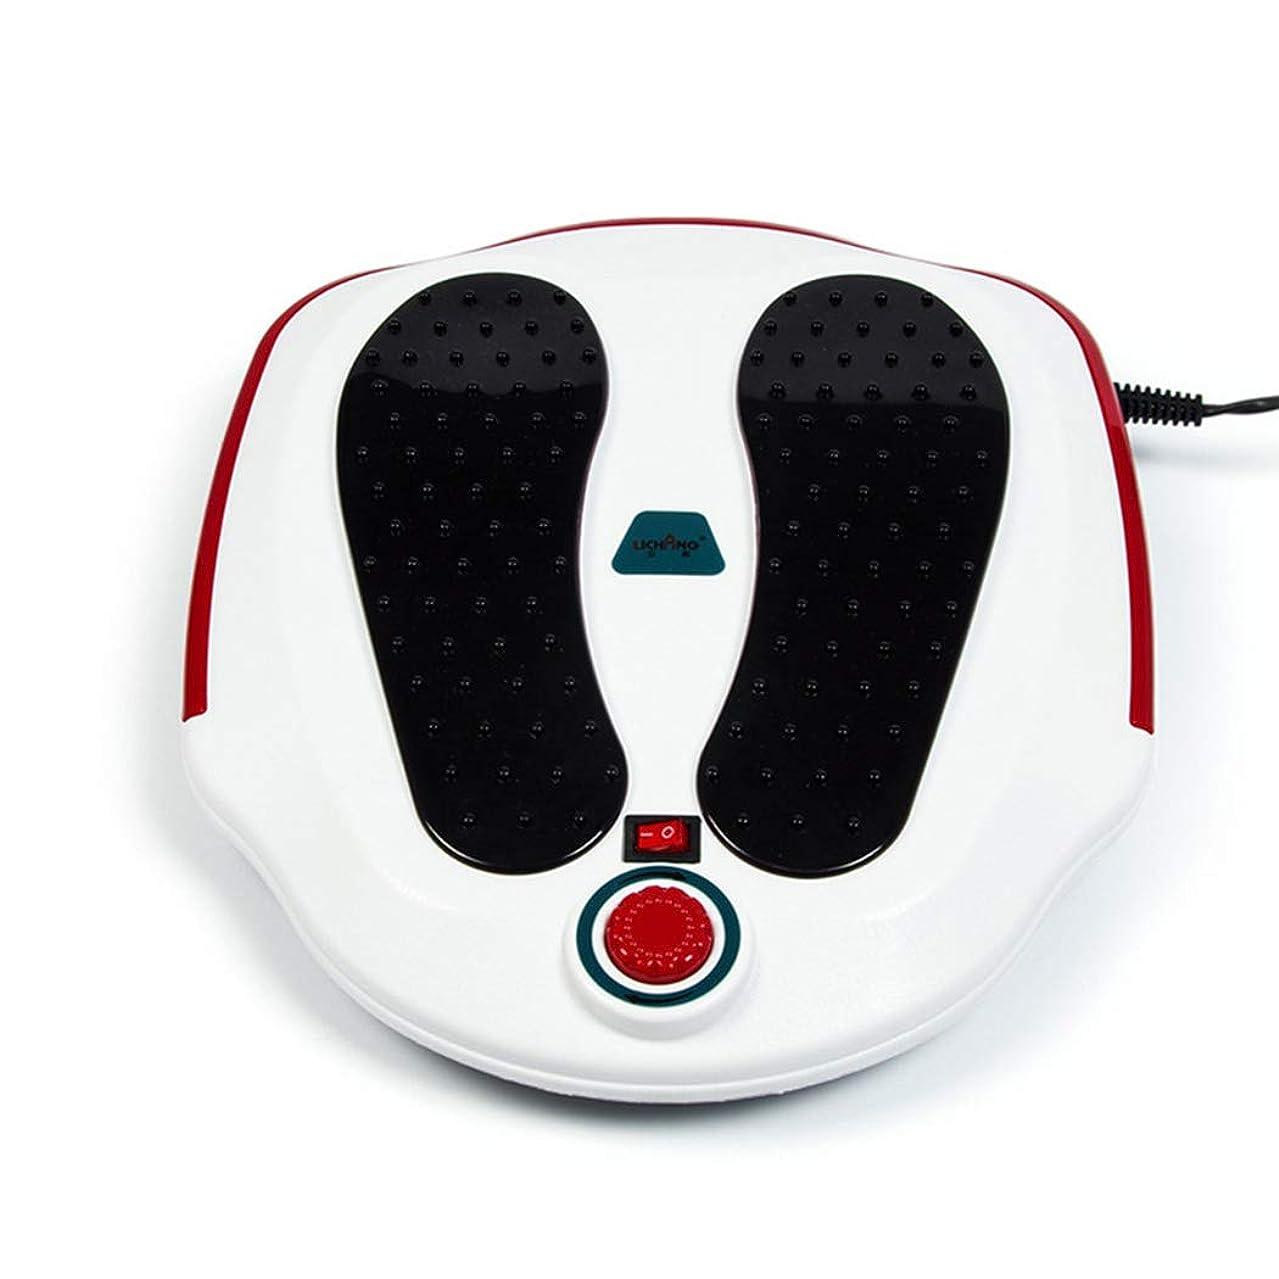 大学院印をつける程度足のマッサージ機指圧足マッサージ電気バック切替式熱機能振動ディープニーディング取り外し可能。, white